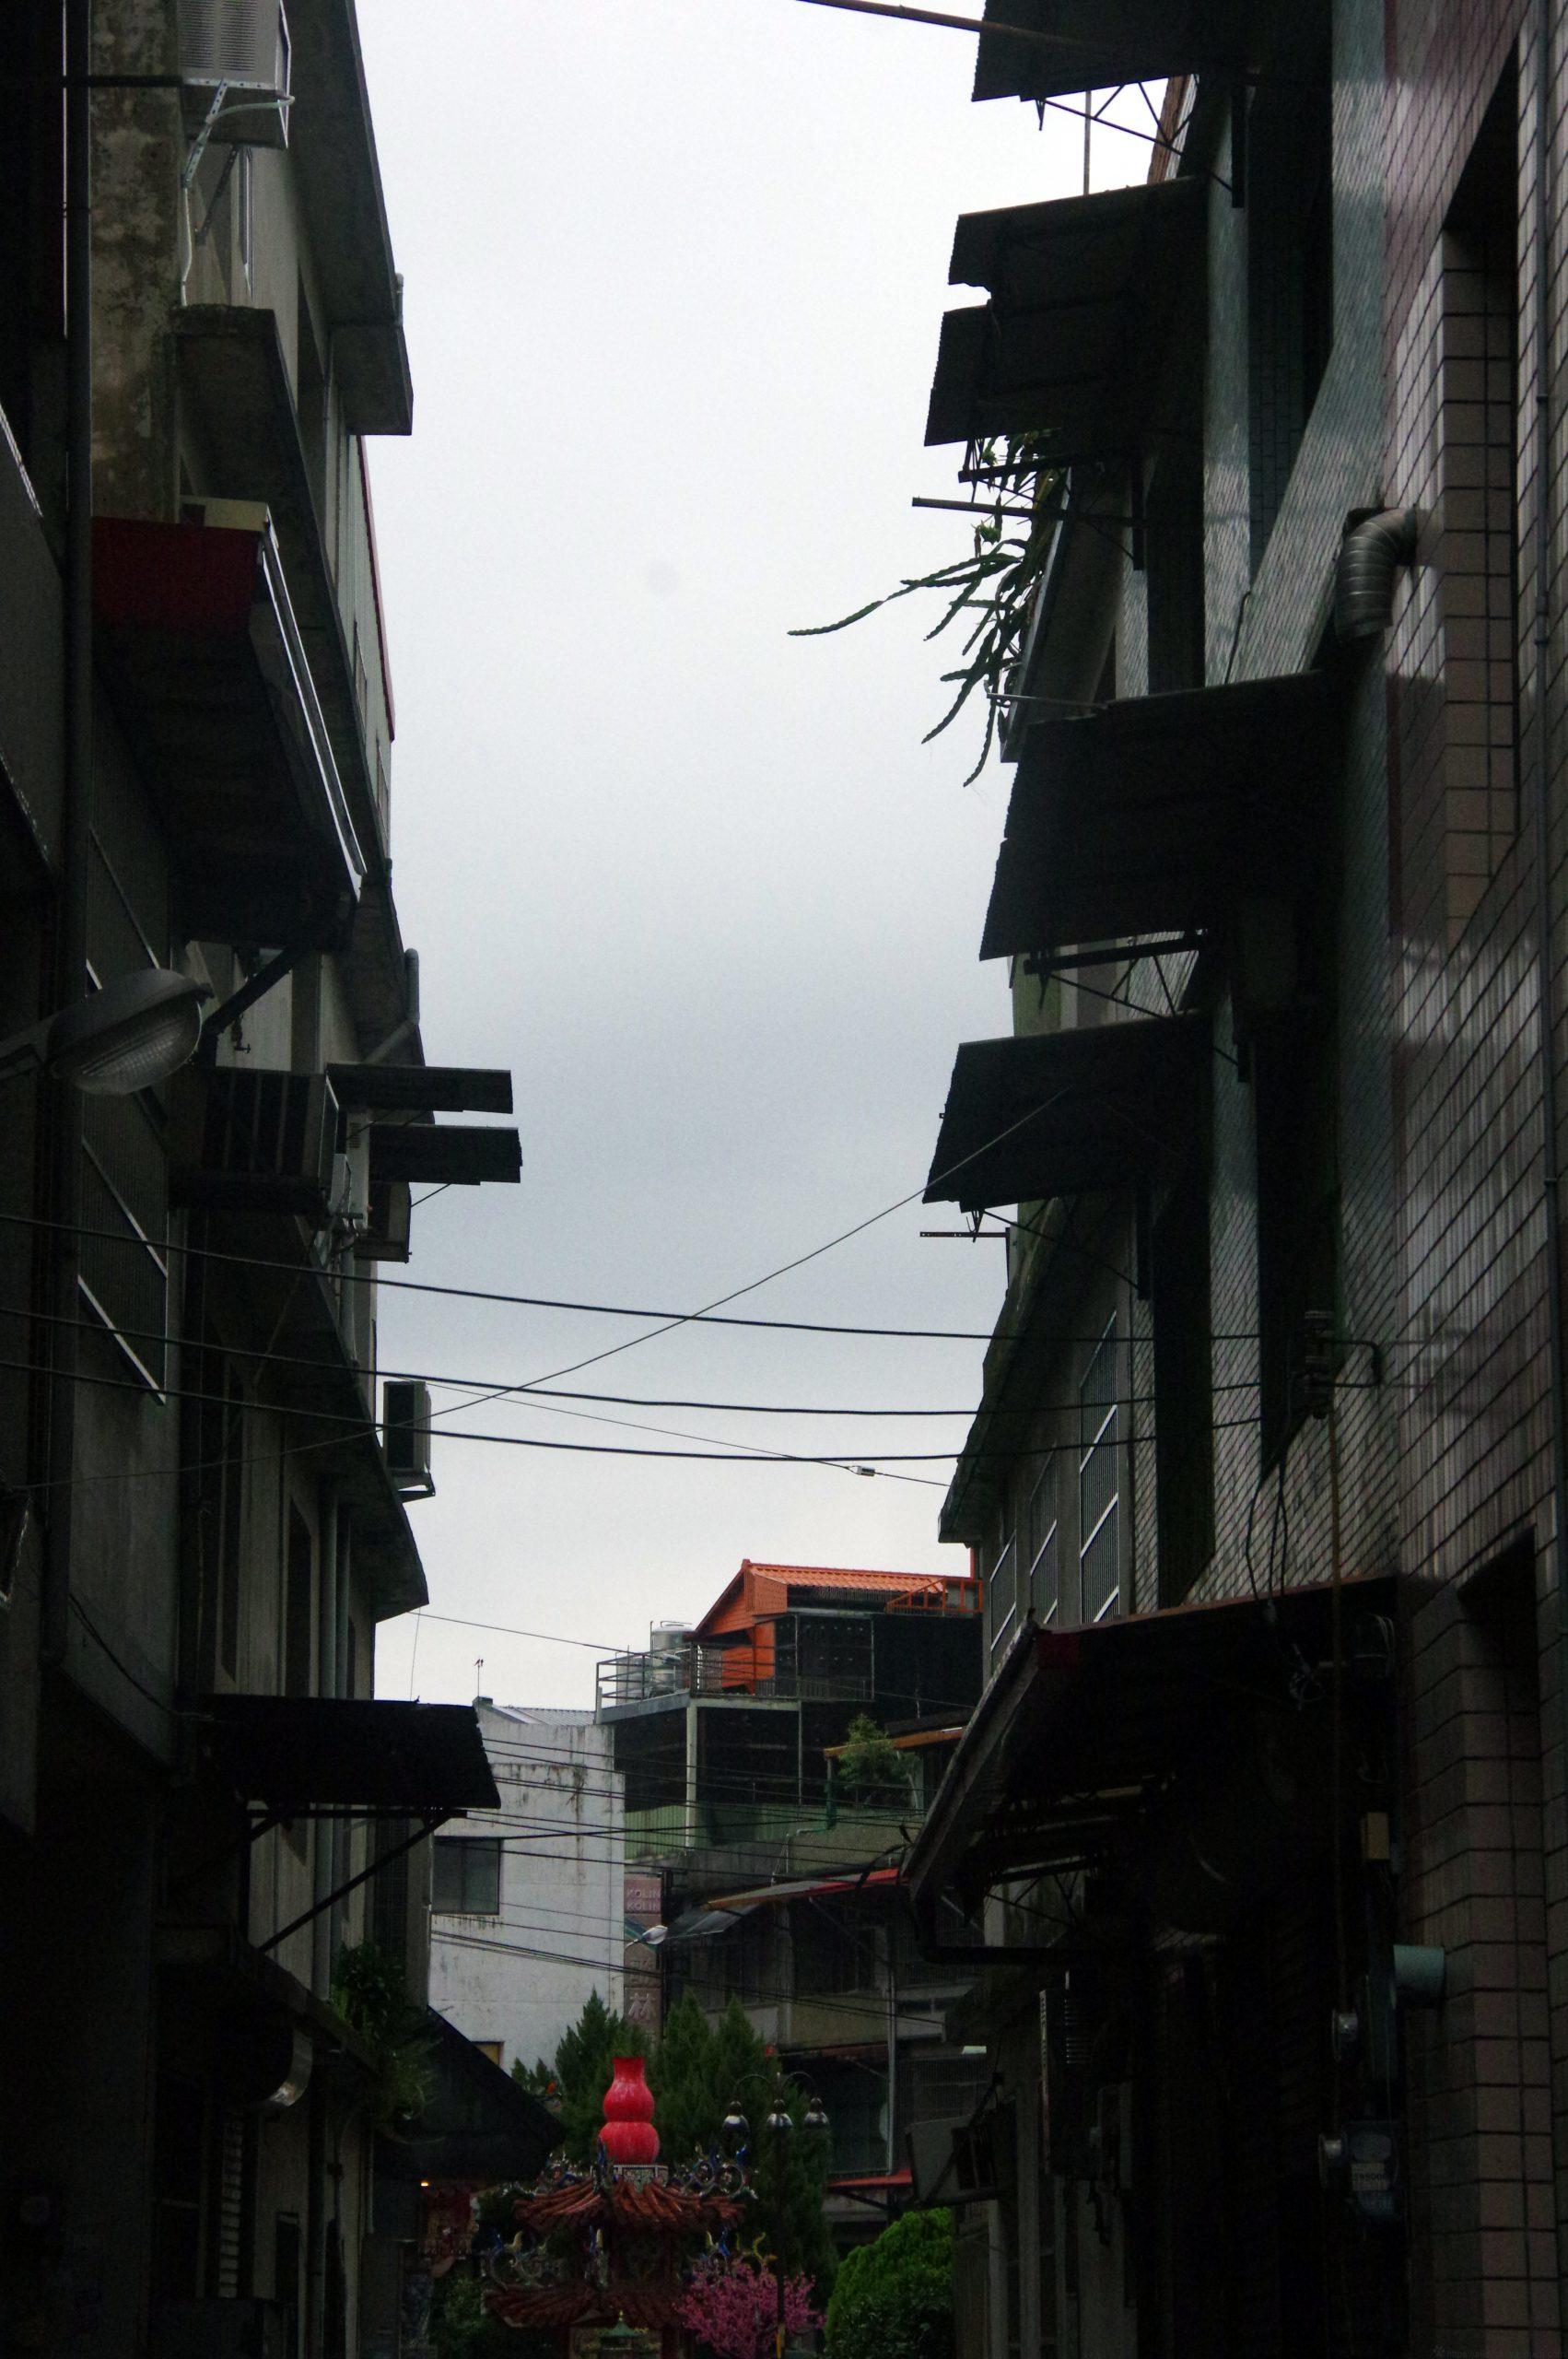 Beipu, Taiwan, 2018